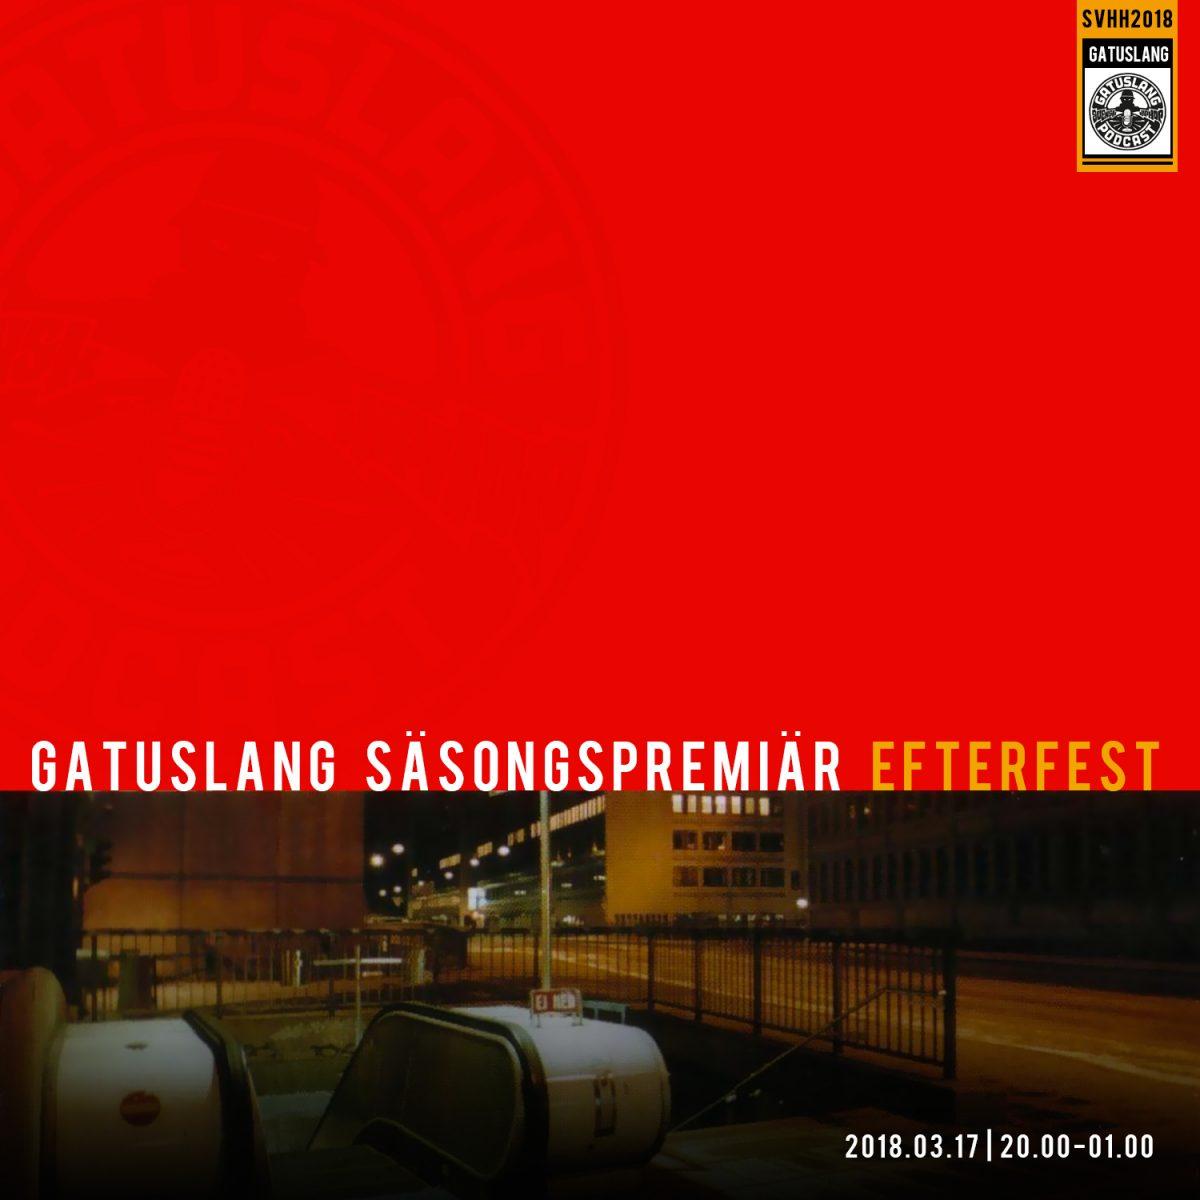 Gatuslang säsongspremiär och efterfest på Swedish Brewing!